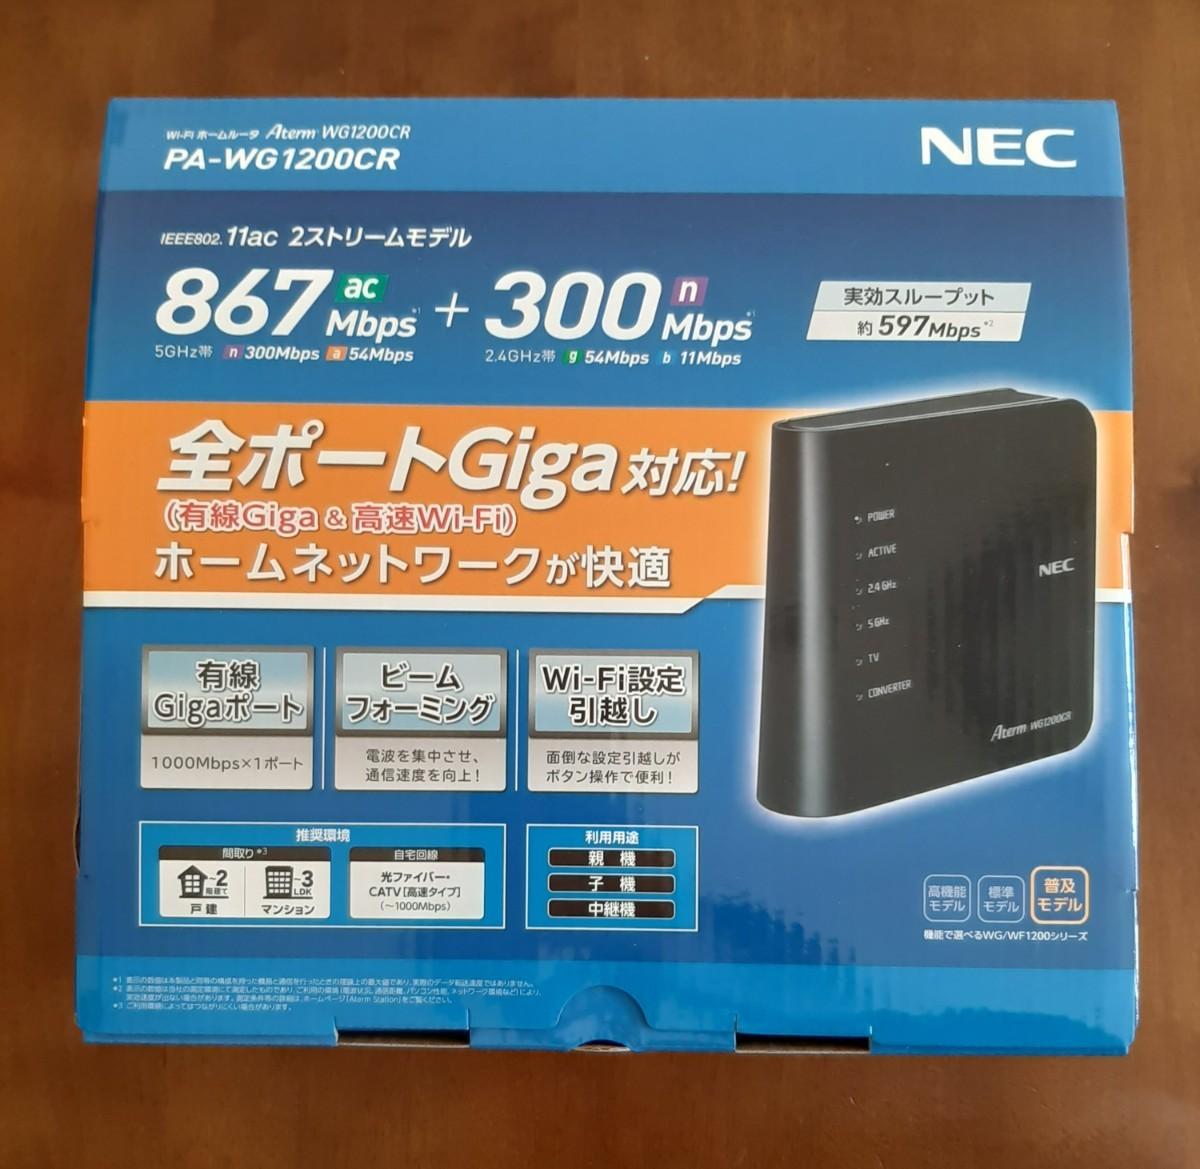 ルーター NEC PA-WG1200CR Wi-Fi 無線LANルーター NEC WiFiルータ